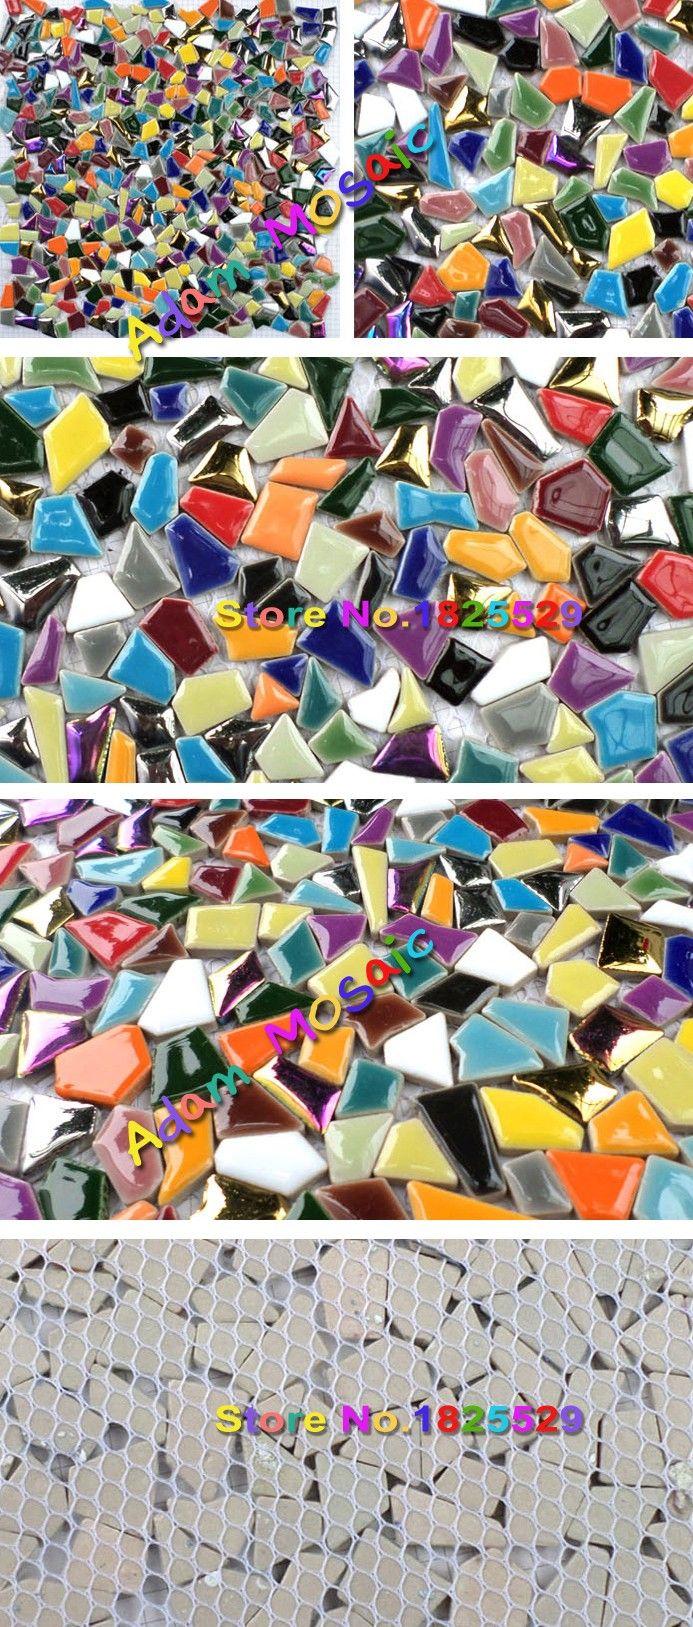 Mosaik fliesen farben backsplash Schillernden glasmosaik fliesen kunst multi farbige wand fliesen küche kunst materialien deco blätter in kleine Probe = 1 stück 100*100 MM1 Los = 11 stück = 1 Quadratmeter = 10,76 (sq. ft)1 Stück = 300*300mm = 0,97 (sq. ft) aus Mosaiken auf AliExpress.com   Alibaba Group